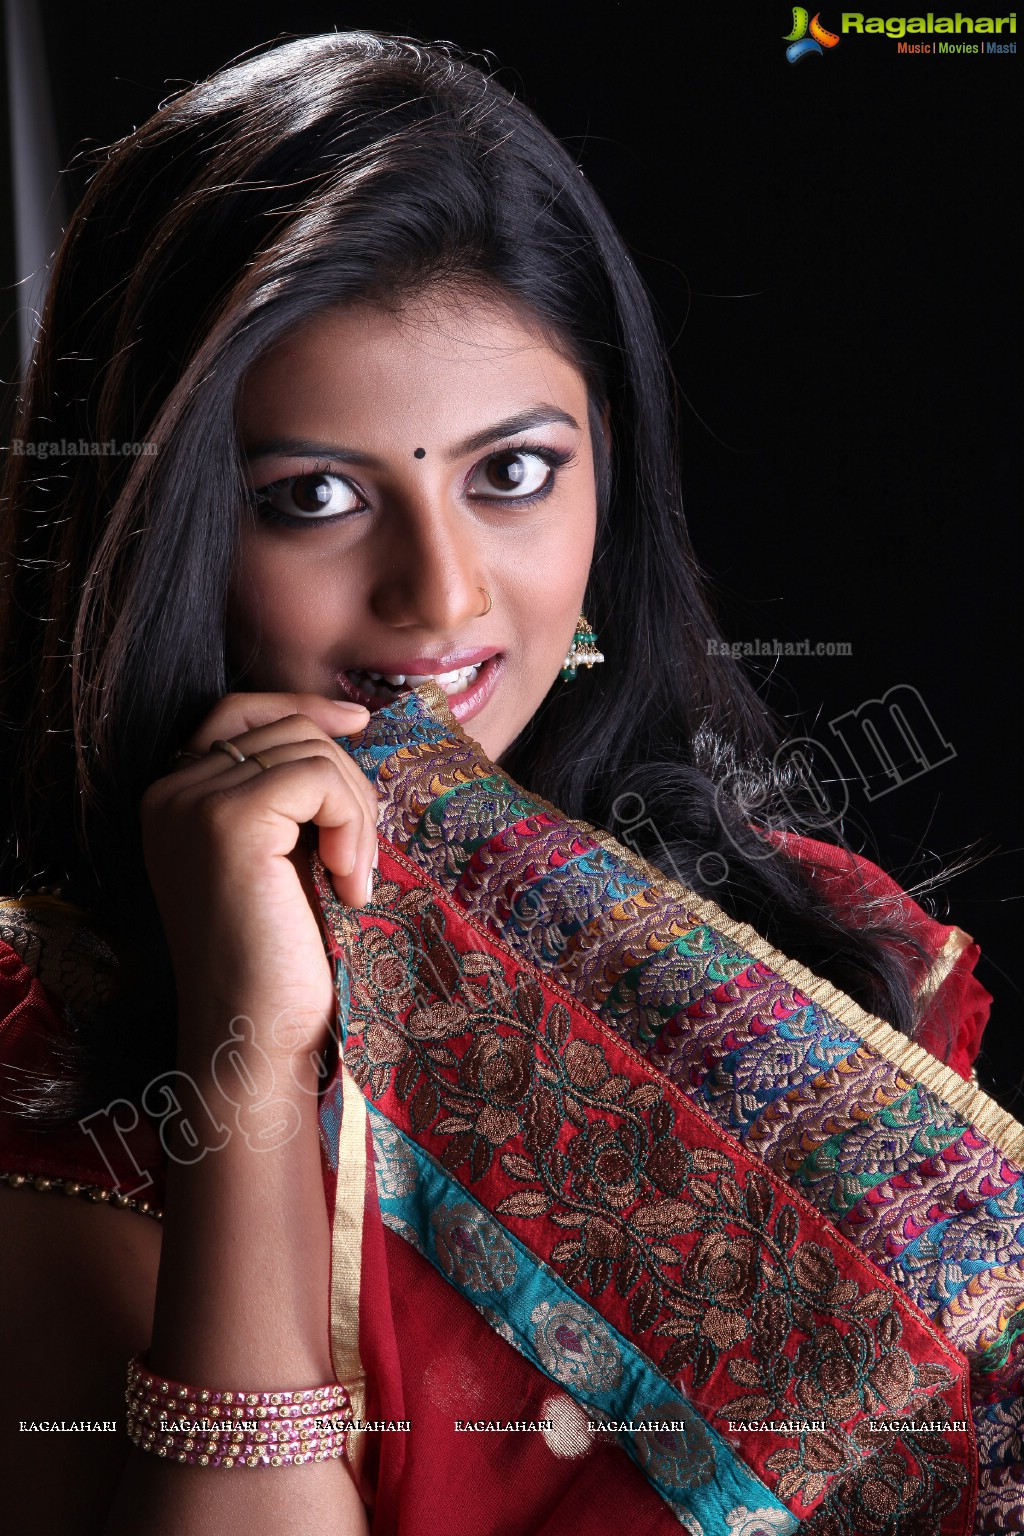 foto Rakshita